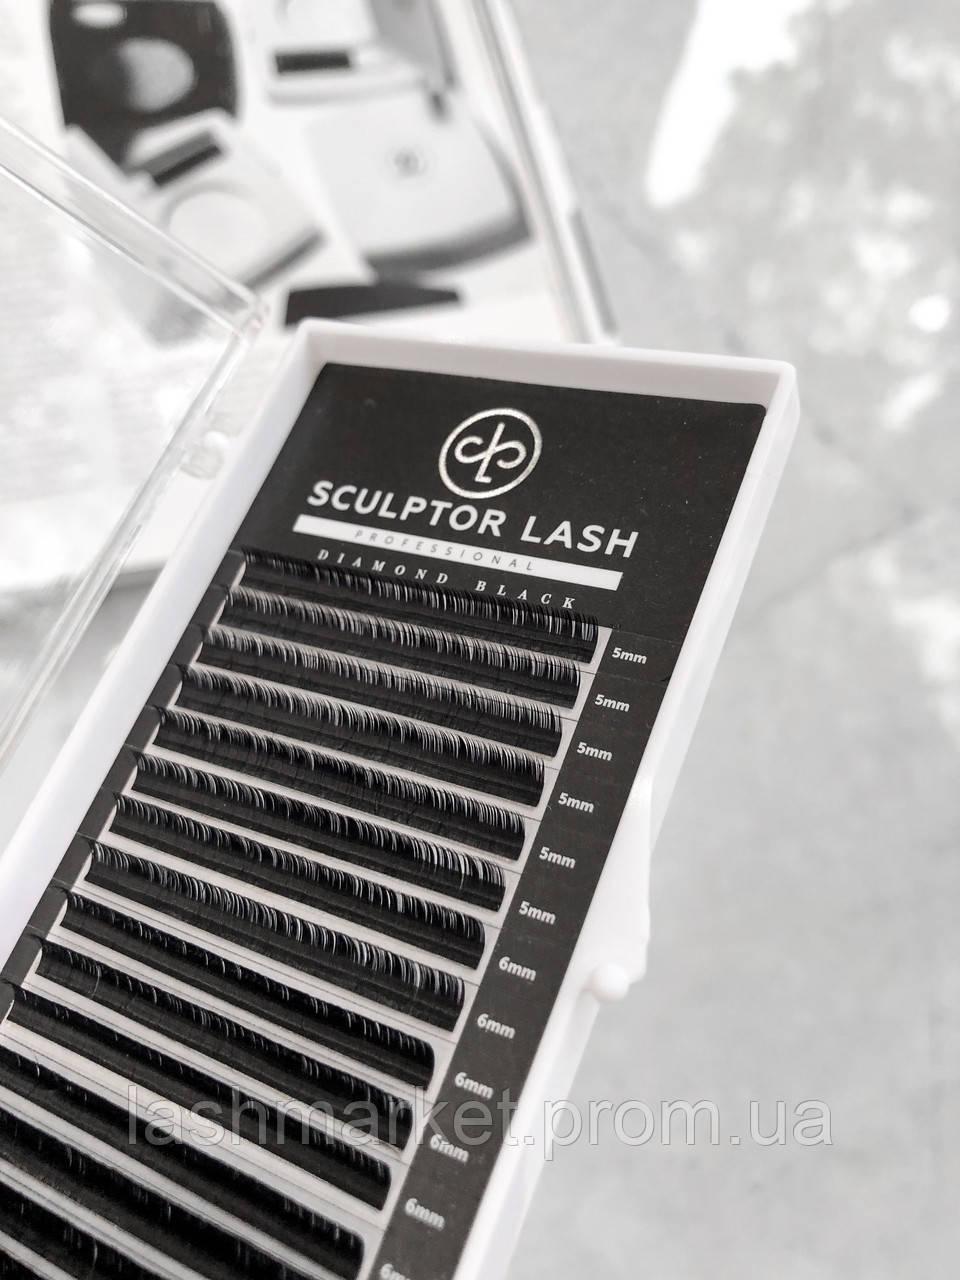 Вії ОТД ДОВЖИНА D 0.05 9 мм Sculptor Lash Diamond Black чорні(для нарощування вій)